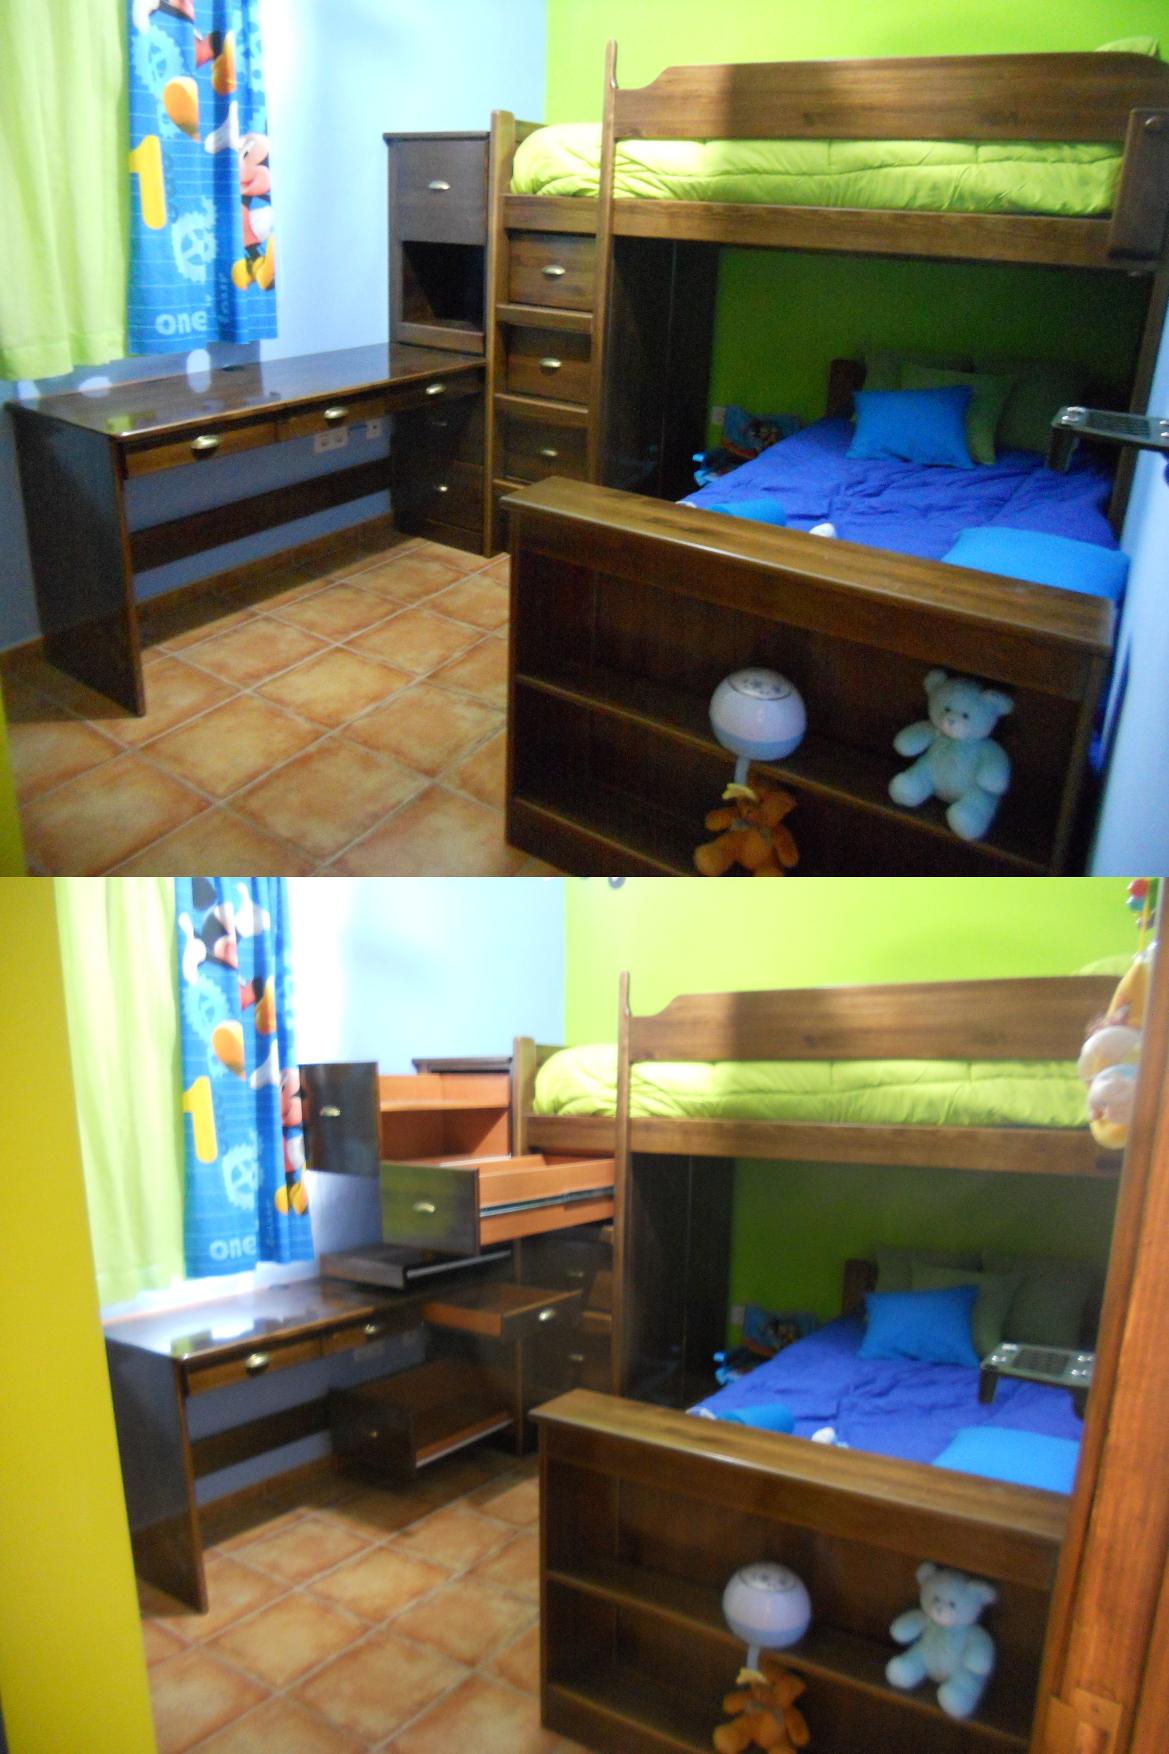 Dormitorios Juveniles Ram N Granados F Brica De Muebles Macizos # Muebles Mundo Box